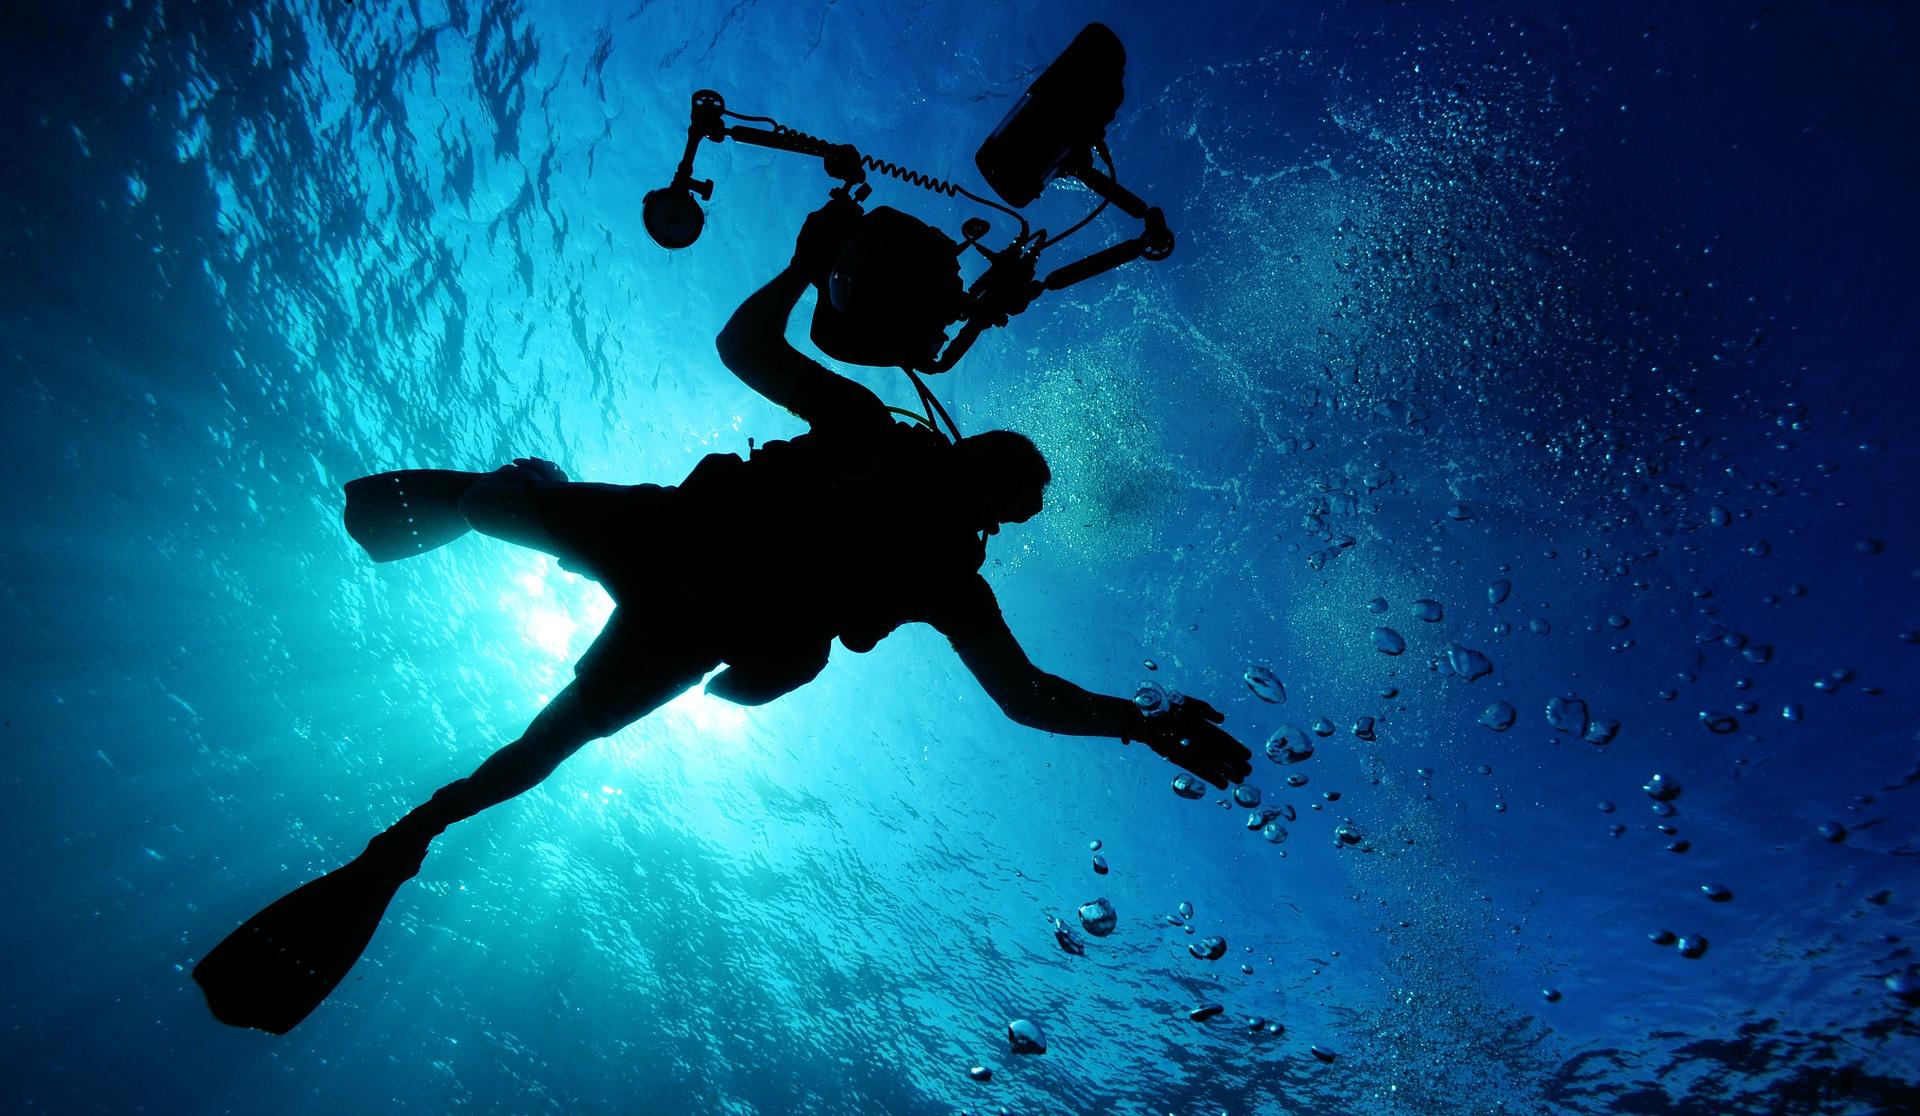 月明洞で水泳大会!「宴会場」とはまさにこのこと。